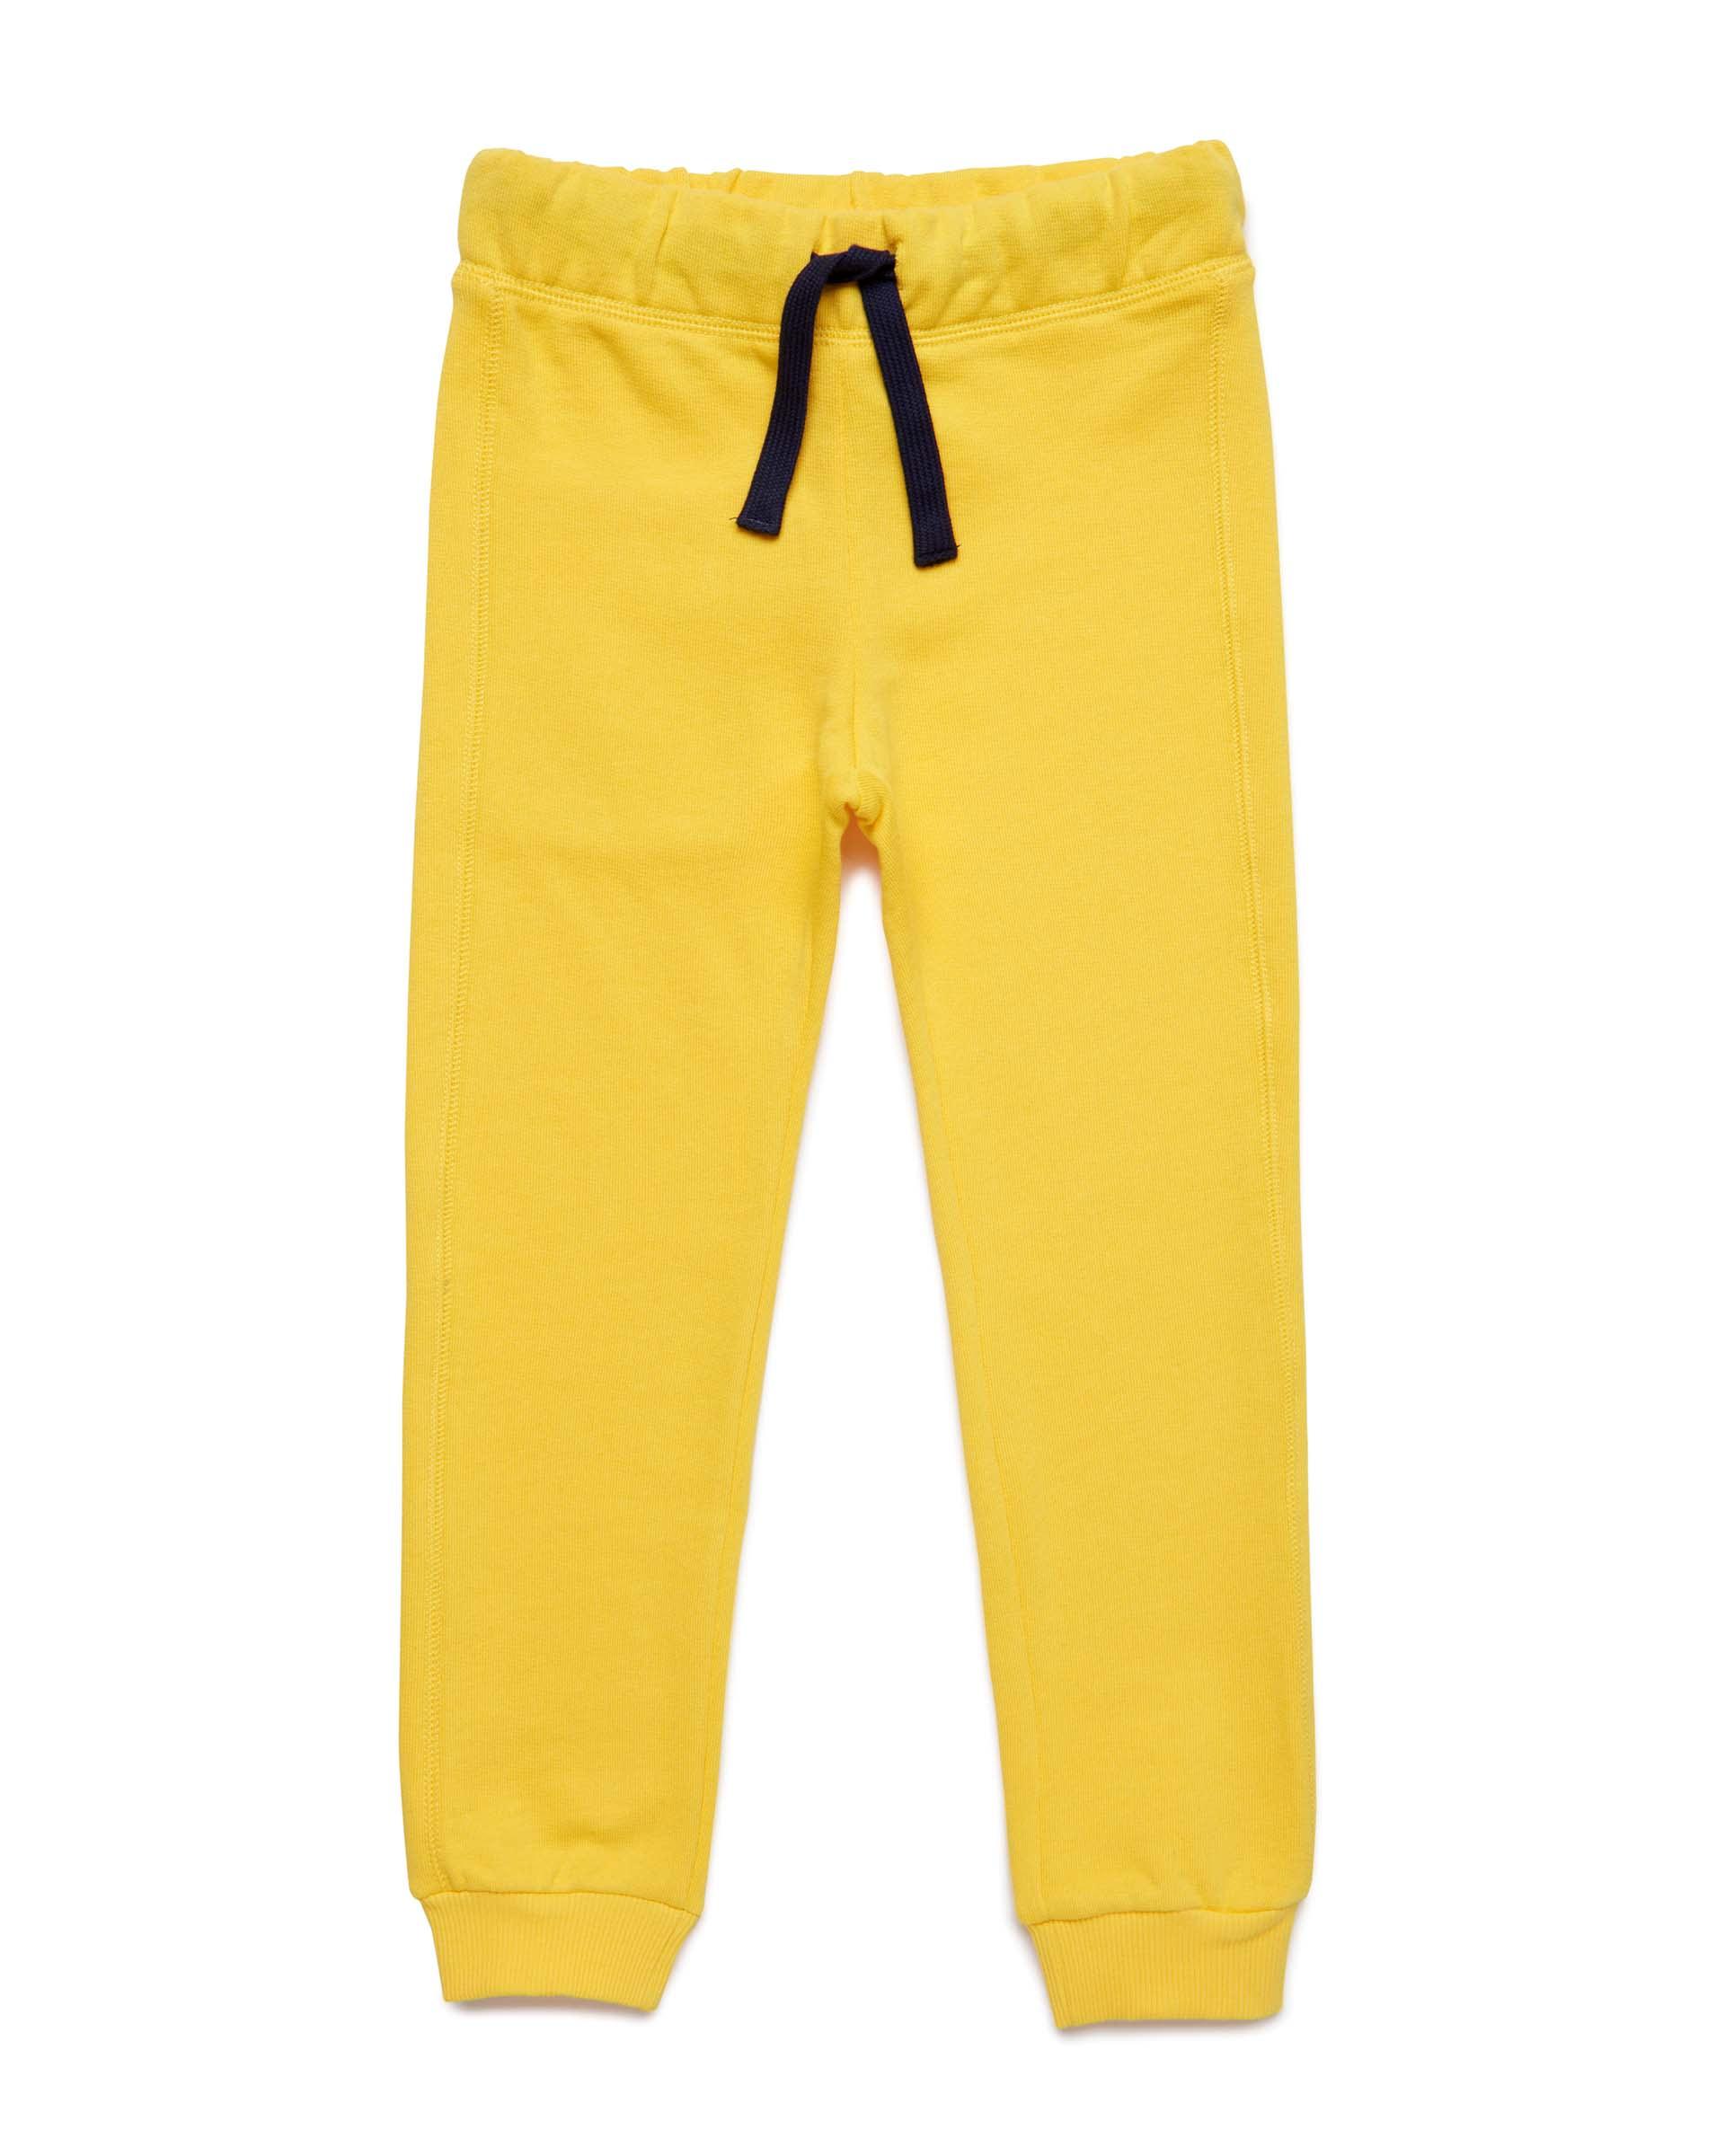 20P_3J68I0449_3N7, Спортивные брюки для мальчиков Benetton 3J68I0449_3N7 р-р 80, United Colors of Benetton, Шорты и брюки для новорожденных  - купить со скидкой